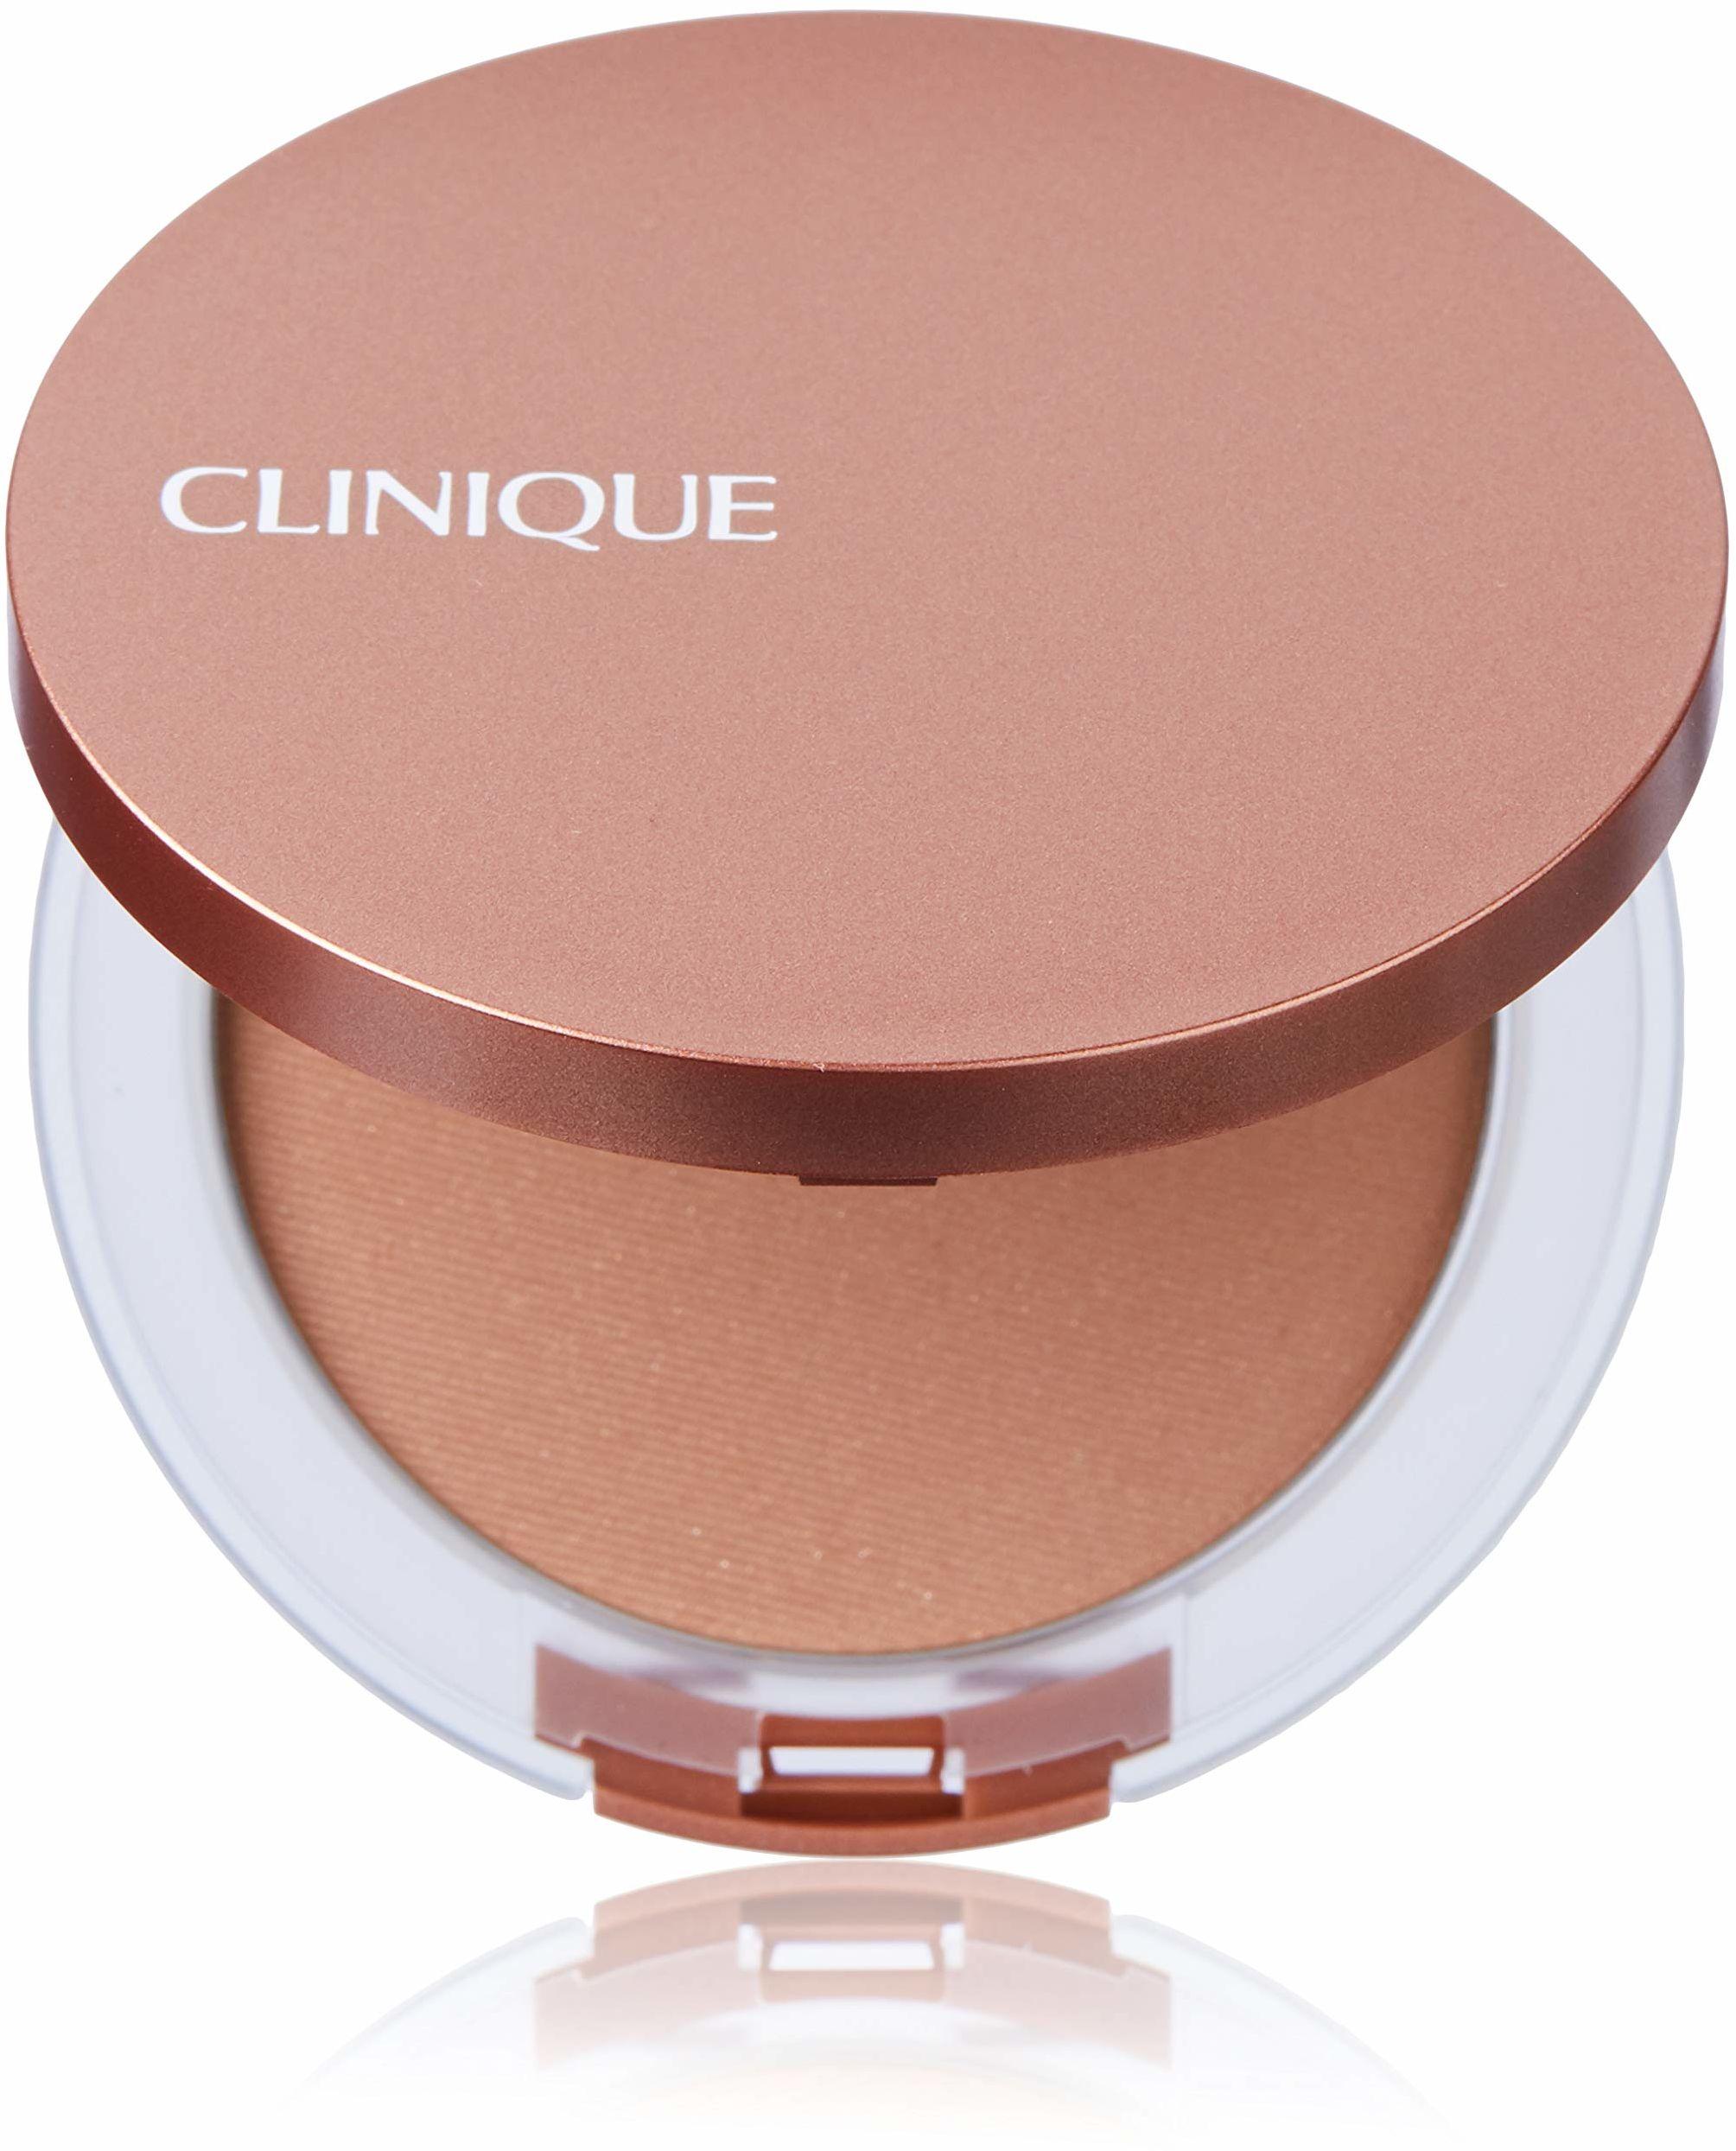 Clinique Puder brązujący True Bronze Pressed Powder Bronzer 02 Sunkissed, 9,6 g